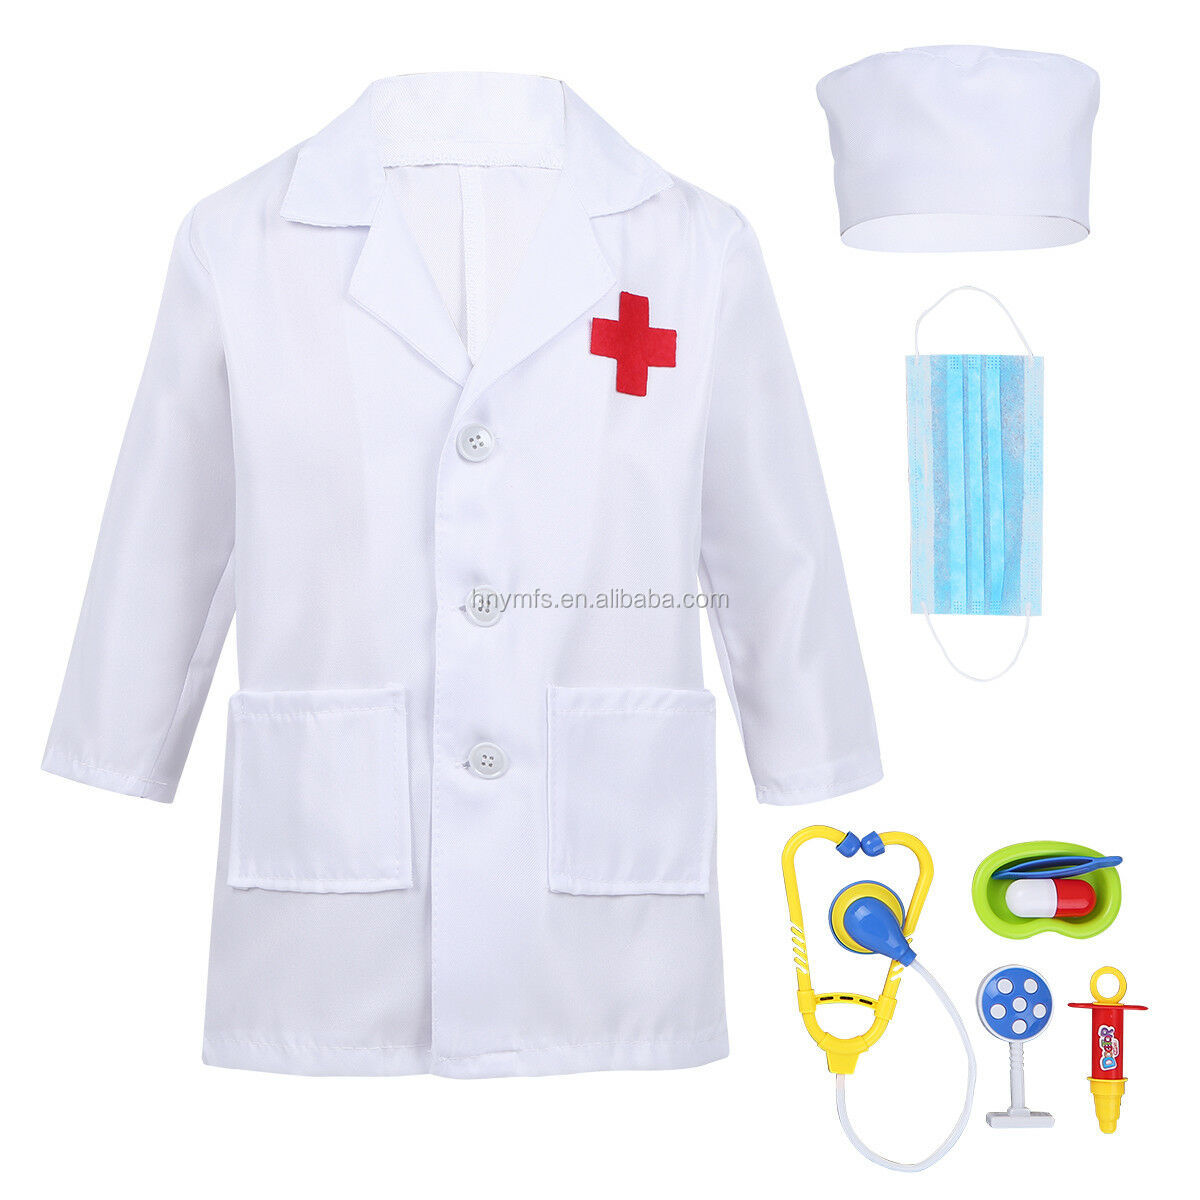 ฮาโลวีนชุดสีขาวชุดพยาบาลแพทย์เครื่องแต่งกายเด็ก